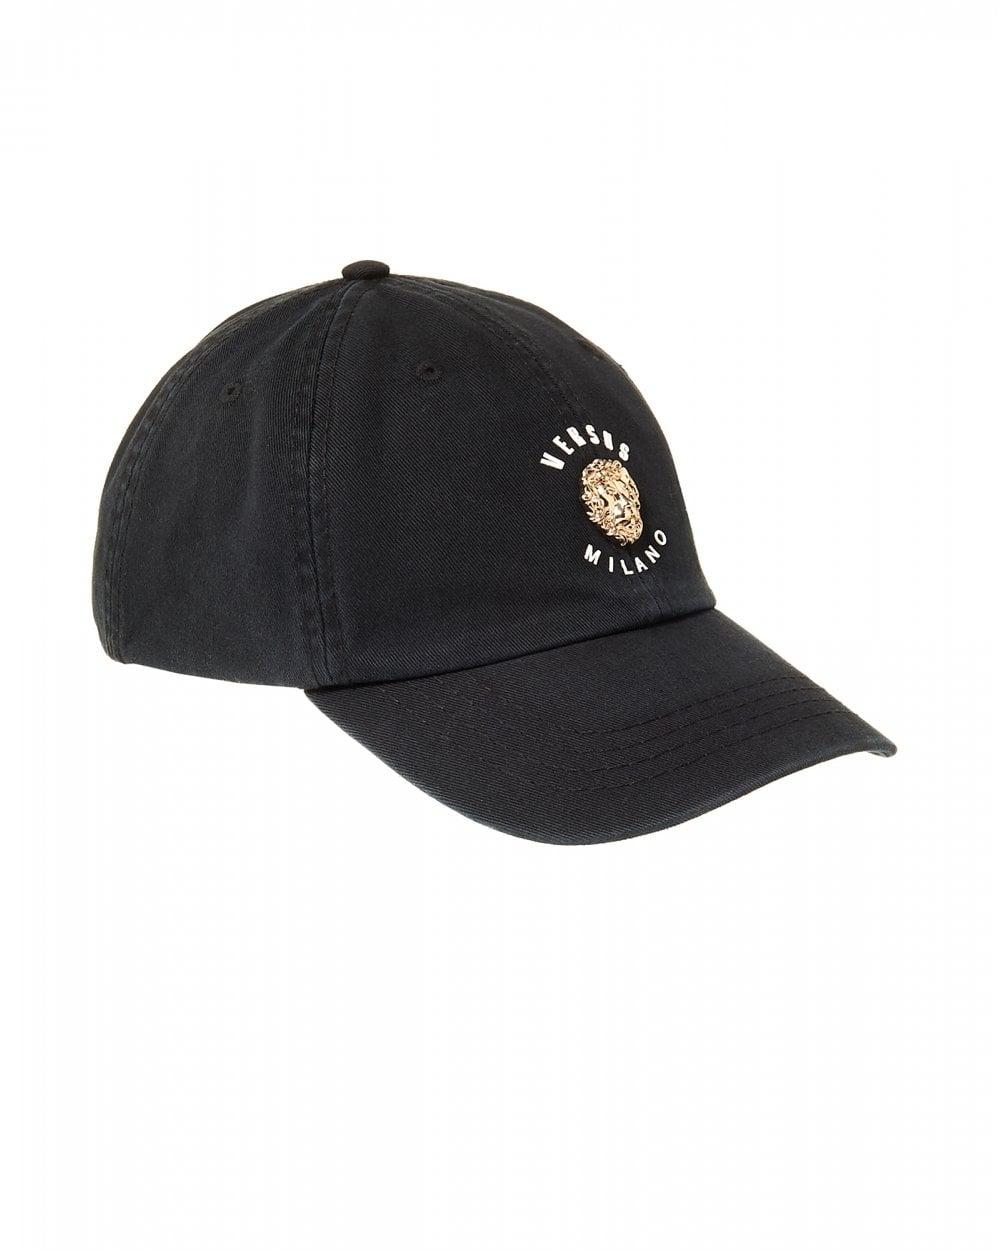 d8e8551e6f5 Versus Versace Mens Metal Lions Head Black Baseball Cap